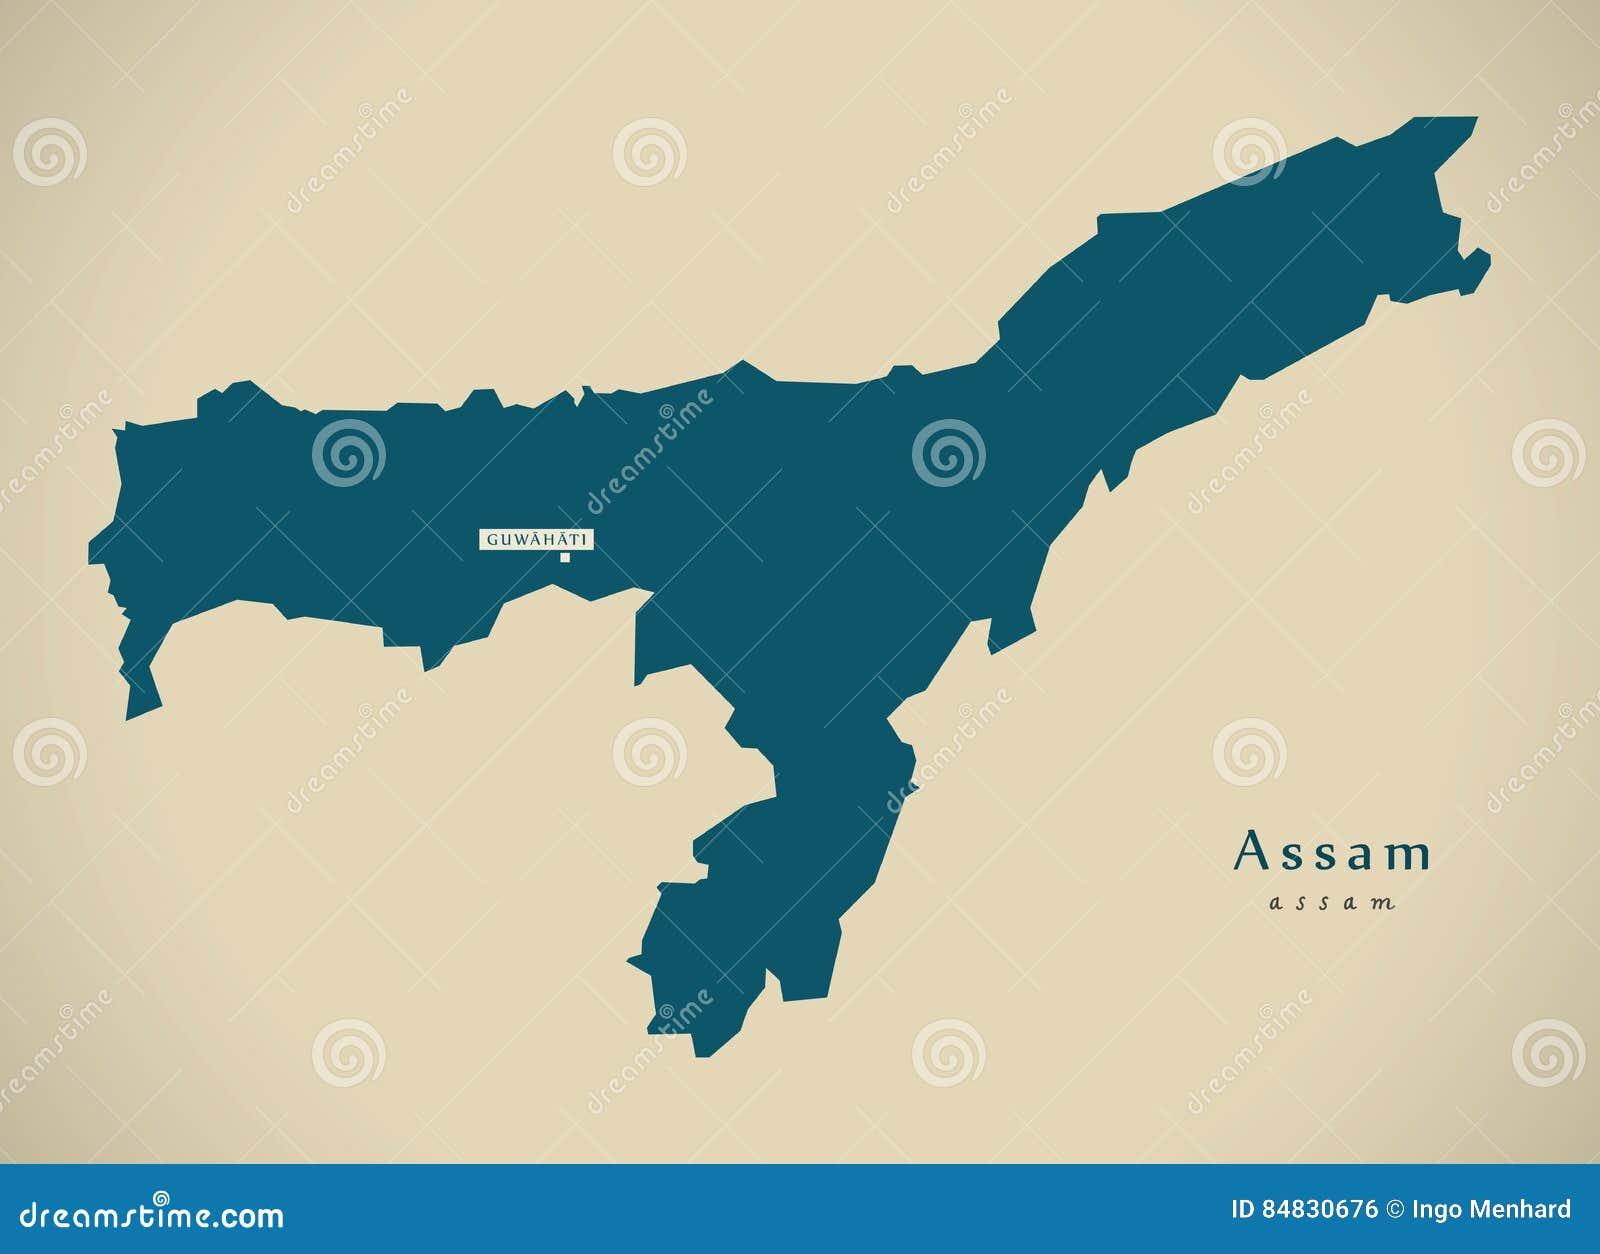 Carte Inde Assam.Carte Moderne Assam Dans L Illustration D Etat Federal D